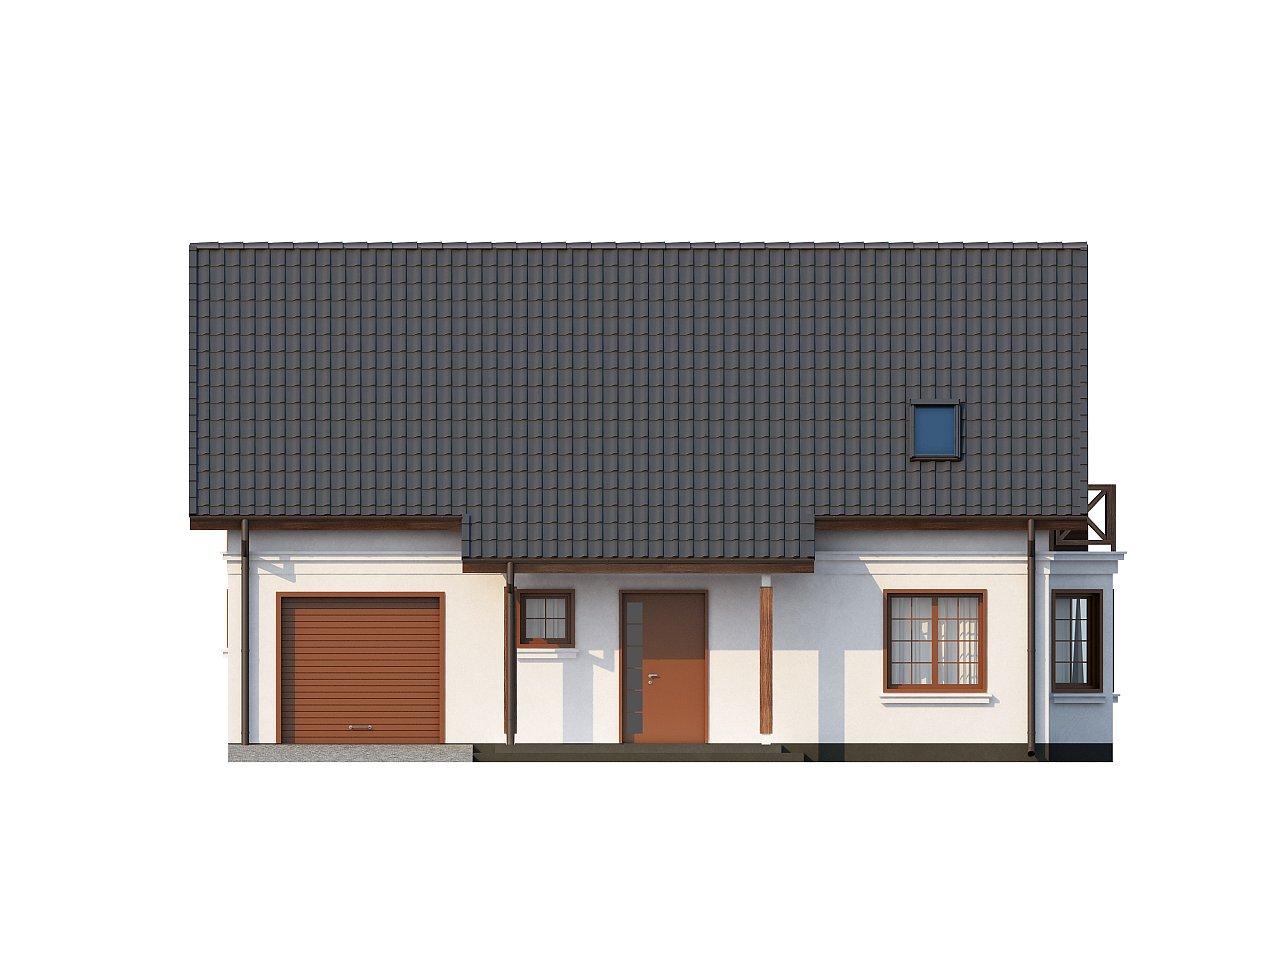 Элегантный дом простой формы со встроенным гаражом, эркером и балконом над ним. 11